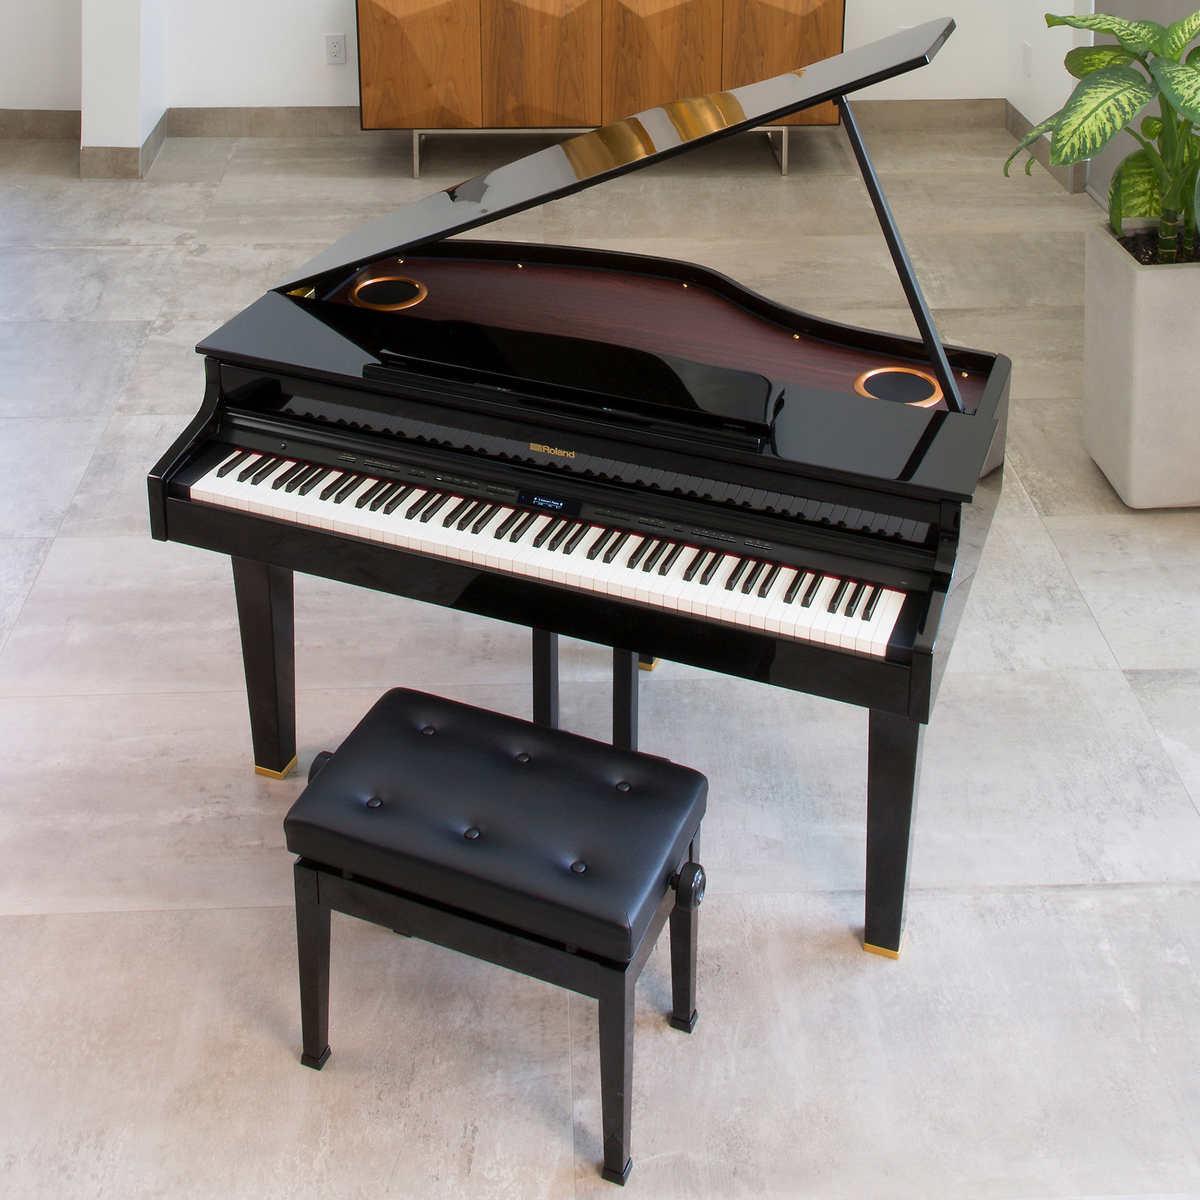 پیانوی آکوستیک بخرم یا پیانوی دیجیتال ؟(بخش دوم )